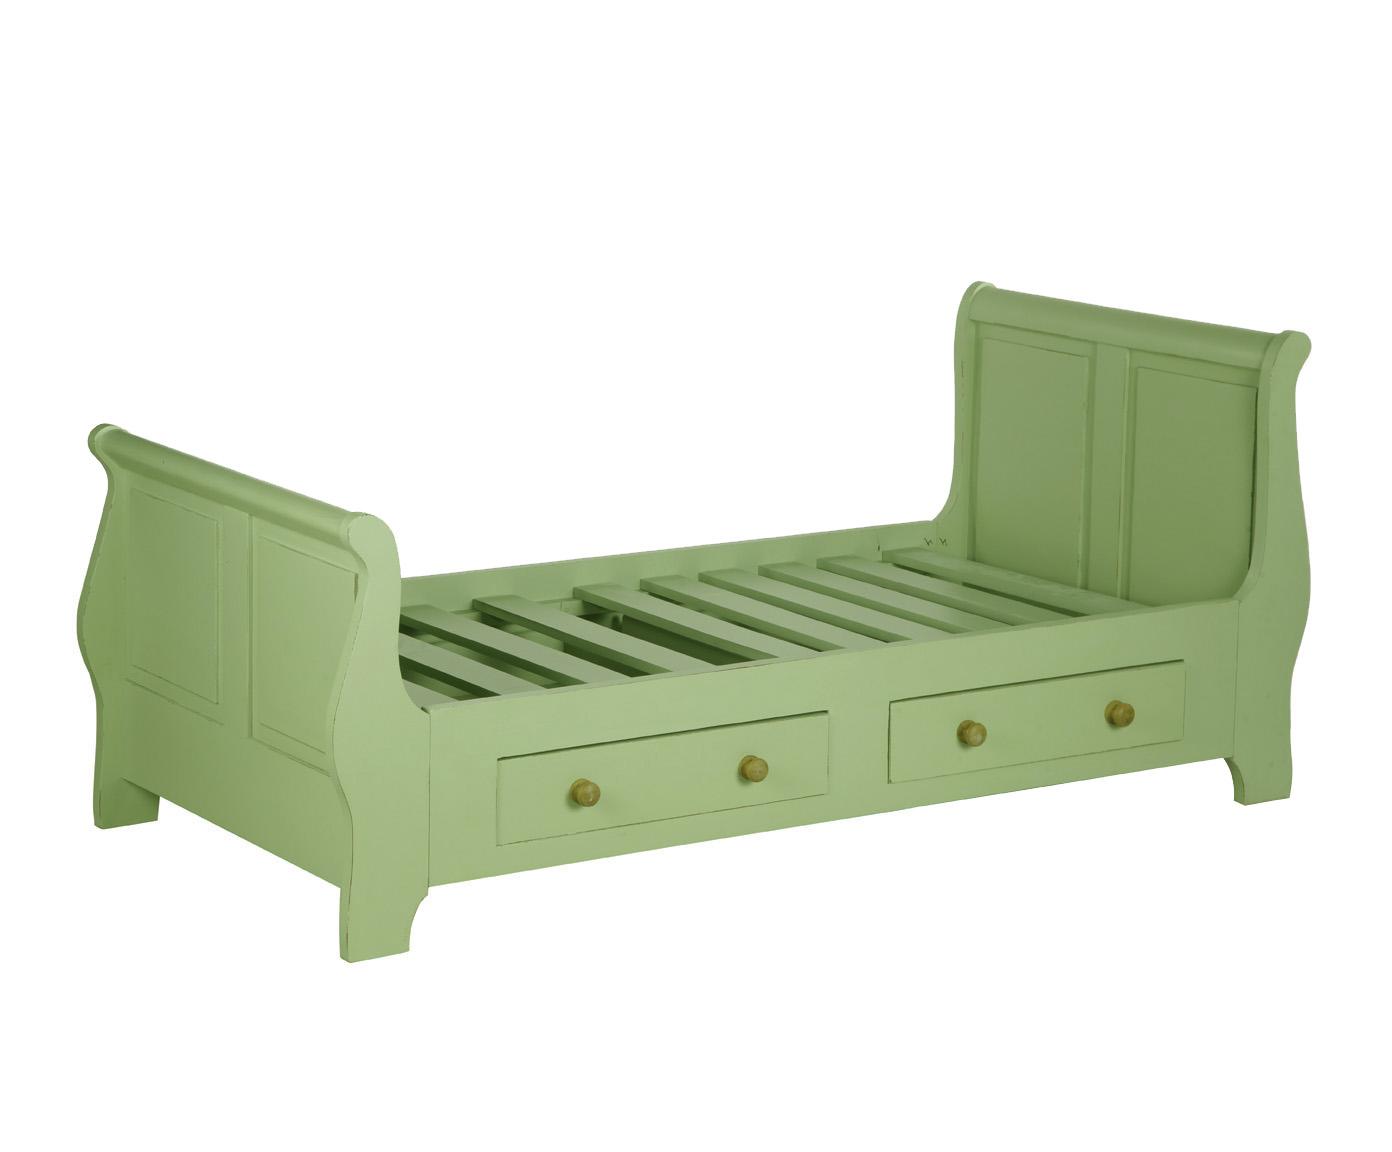 Кровать детская КантриПодростковые кровати<br>Несомненным преимуществом цветной мебели &amp;quot;Кантри&amp;quot; является ее высокое качество. Коллекция изготовлена в Румынии и выполнена полностью из массива дерева (средиземноморская сосна). Мебель &amp;quot;Кантри&amp;quot; &amp;amp;nbsp;рассчитана на длительное и активное использование.<br>Кроме того, большая часть предметов коллекции  &amp;quot;Кантри&amp;quot; покрыта двумя слоями красок разных цветов и запатинирована. Искусственная состаренность придает мебели особый теплый деревенский шарм.<br><br>Material: Сосна